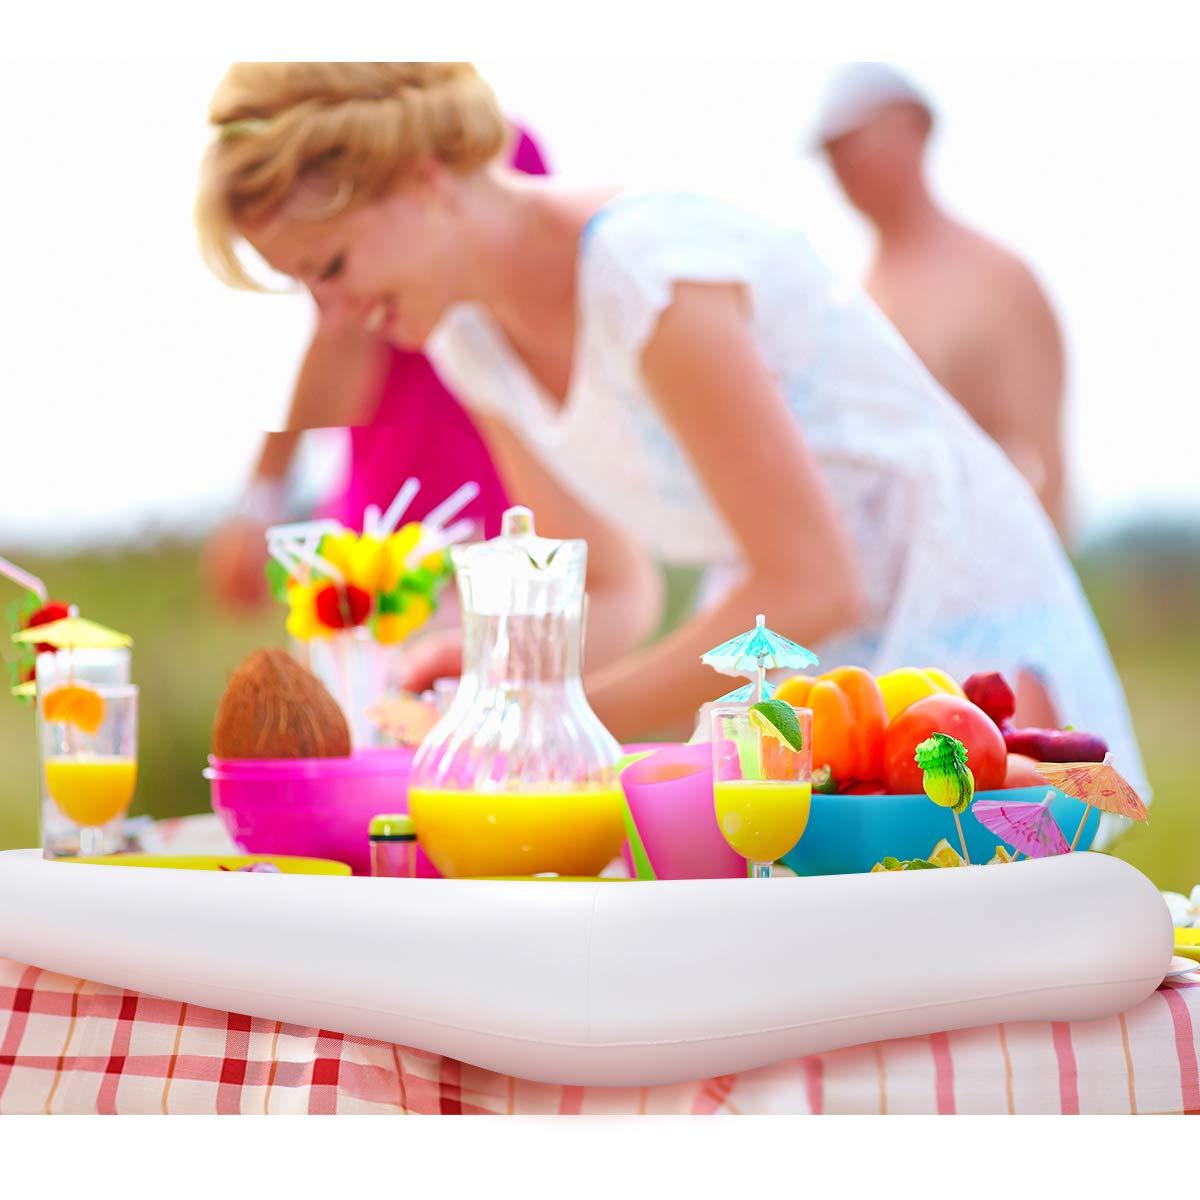 HEMOTON - Bandeja hinchable para bebidas, frutas, helados, colchones de aire, ensaladas, bares, piscinas, fiestas, picnic: Amazon.es: Hogar